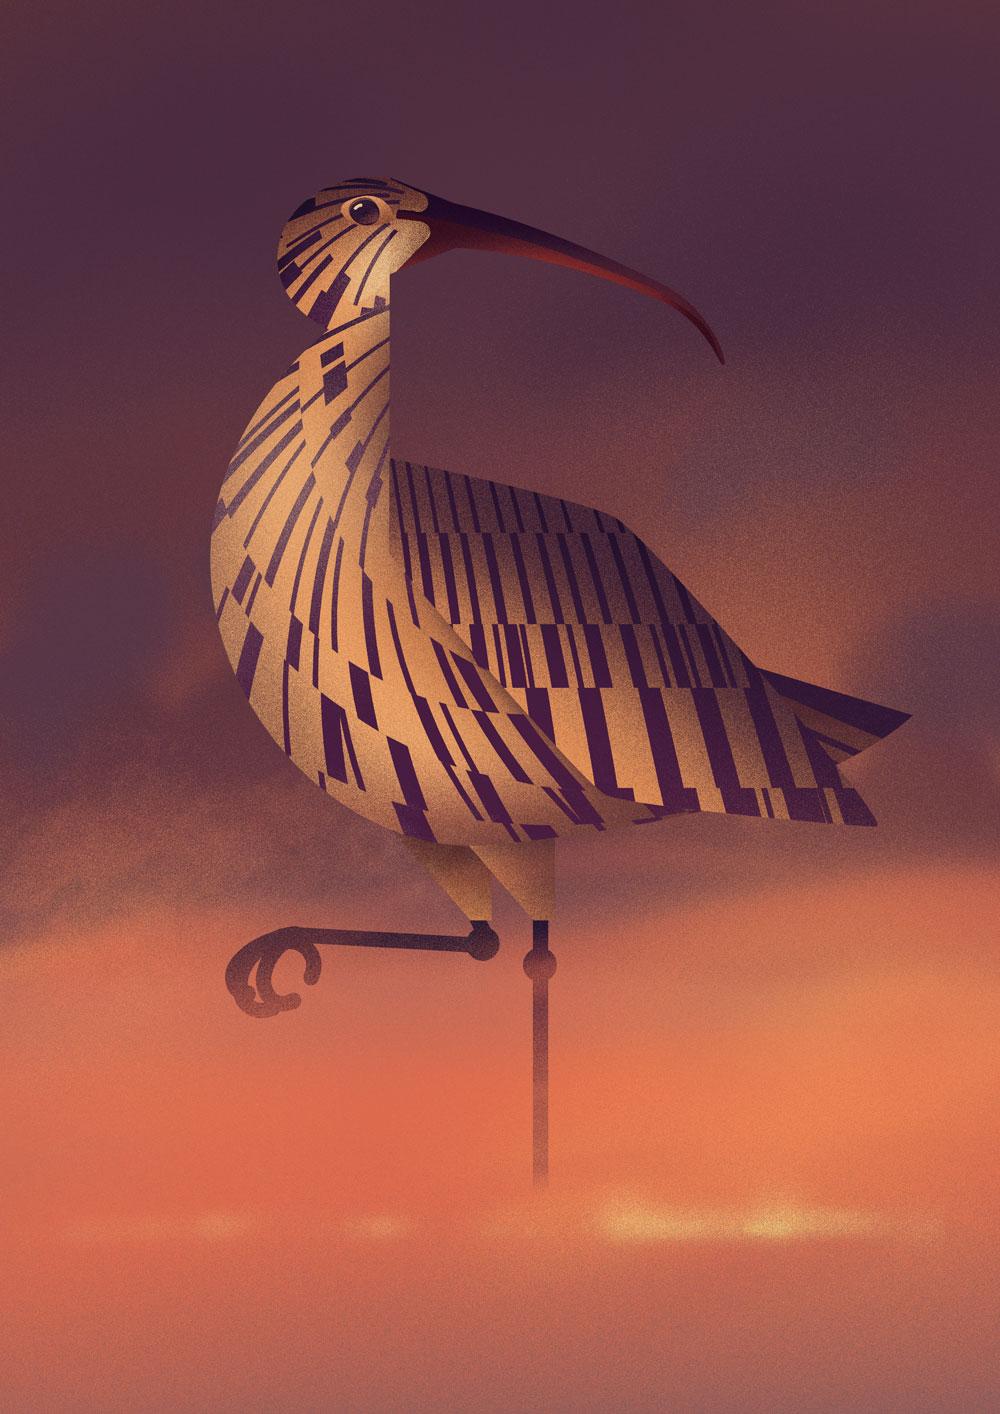 Stark abstrahierte, grafische Darstellung eines Großen Brachvogel